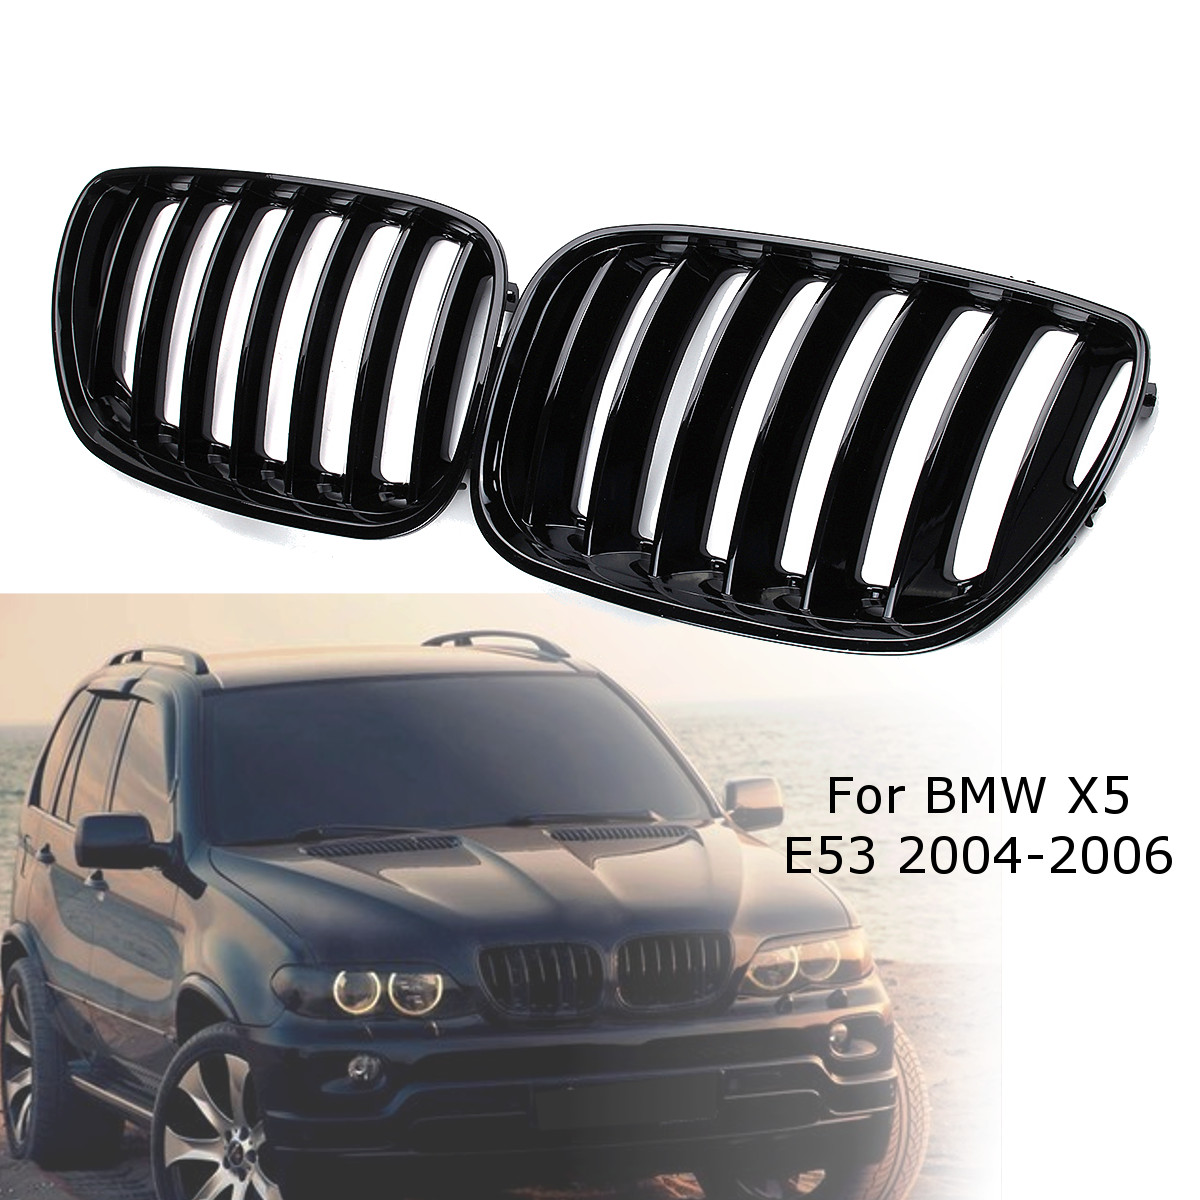 2 قطعة لمعان أسود سيارة الجبهة الكلى شواء شبكات اليمين واليسار لسيارات BMW X5 E53 2004 2005 2006 ABS 51137124815 51137124816